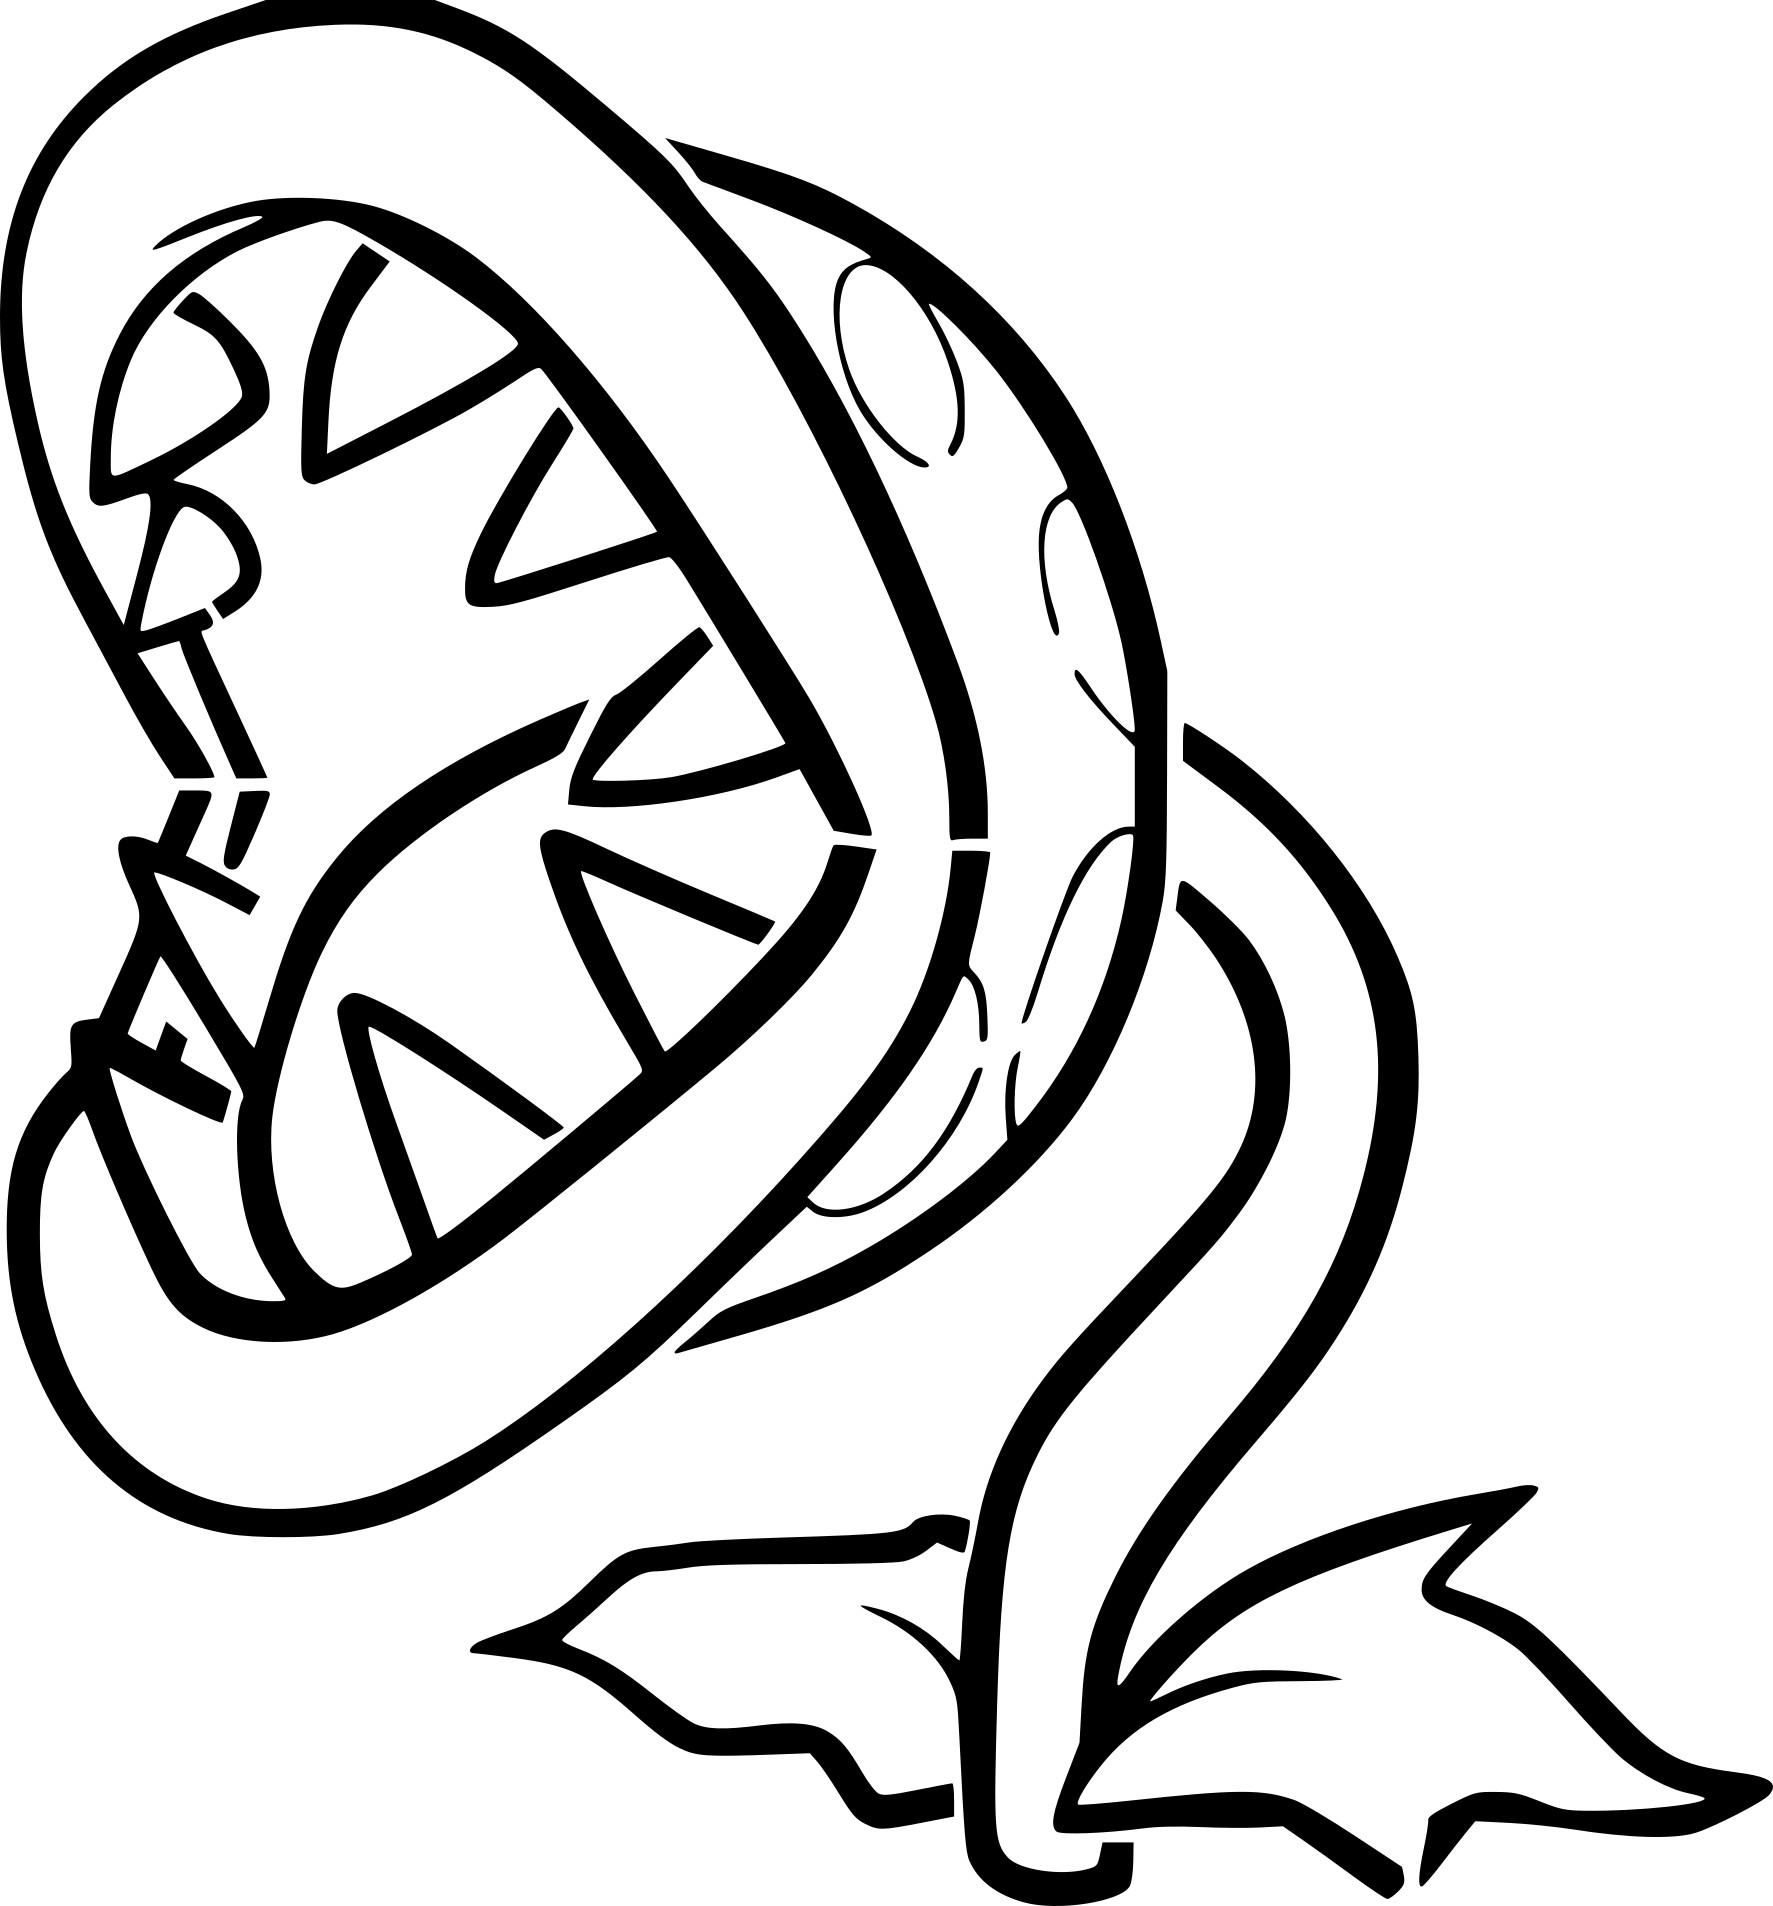 Coloriage plante piranha imprimer - Coloriage de mario ...